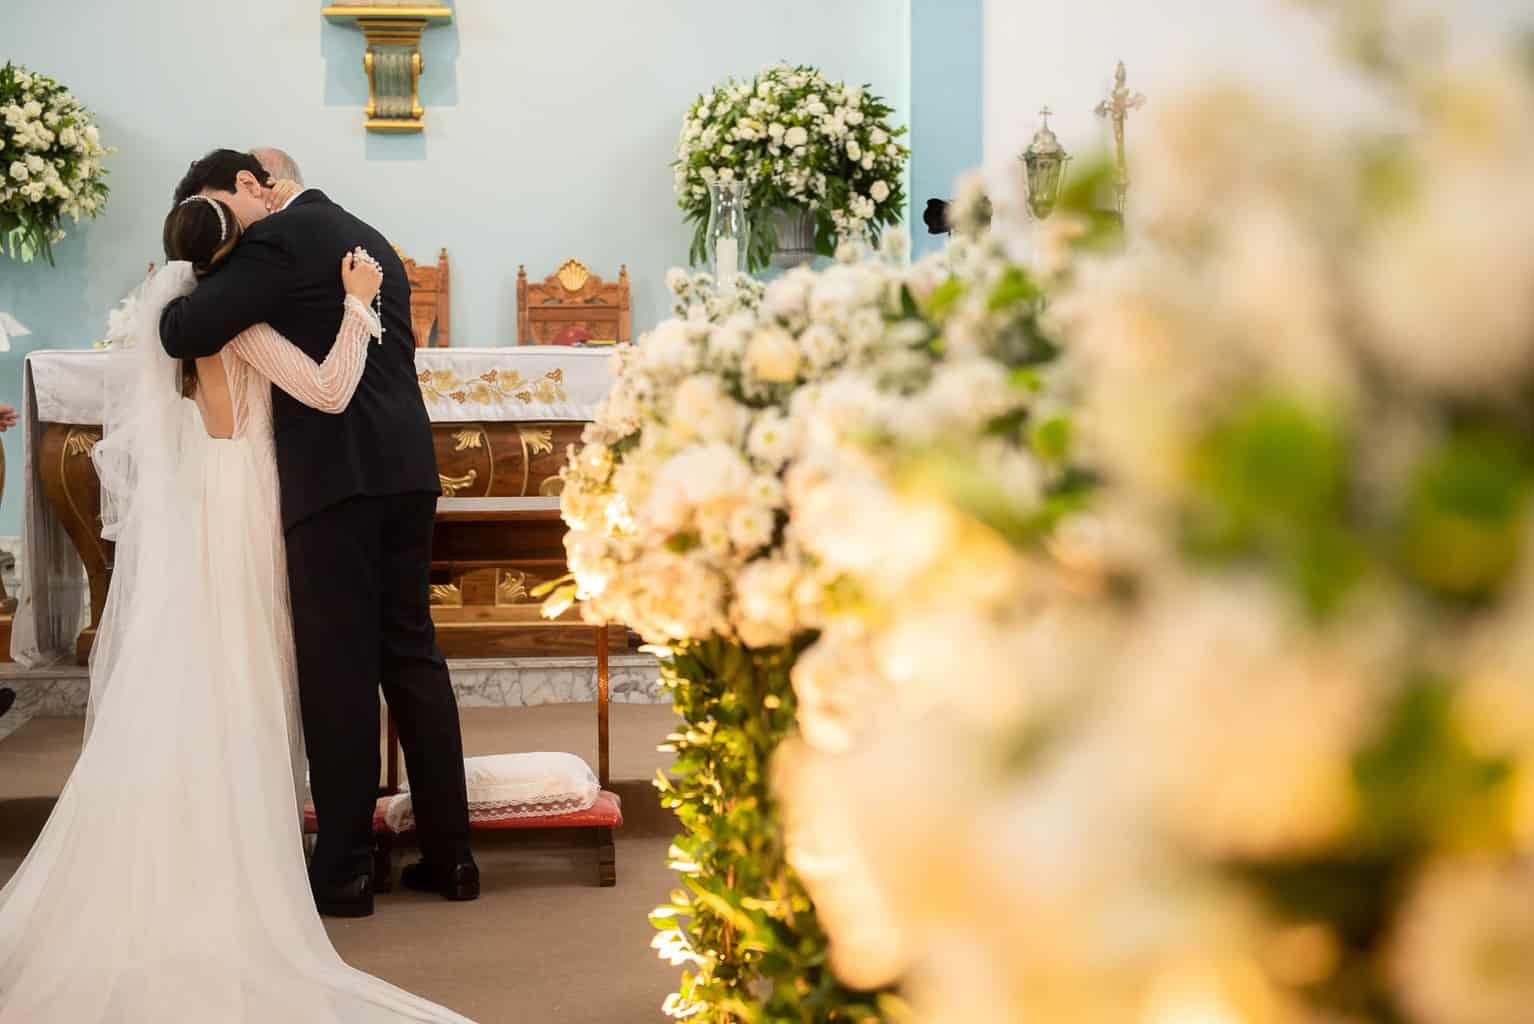 casamento-luiza-e-gustavo-cerimonia-na-igreja-cerimonial-casamento-de-ideias-fotografia-lenine-serejo-Igreja-Nossa-Senhora-da-Conceicao31